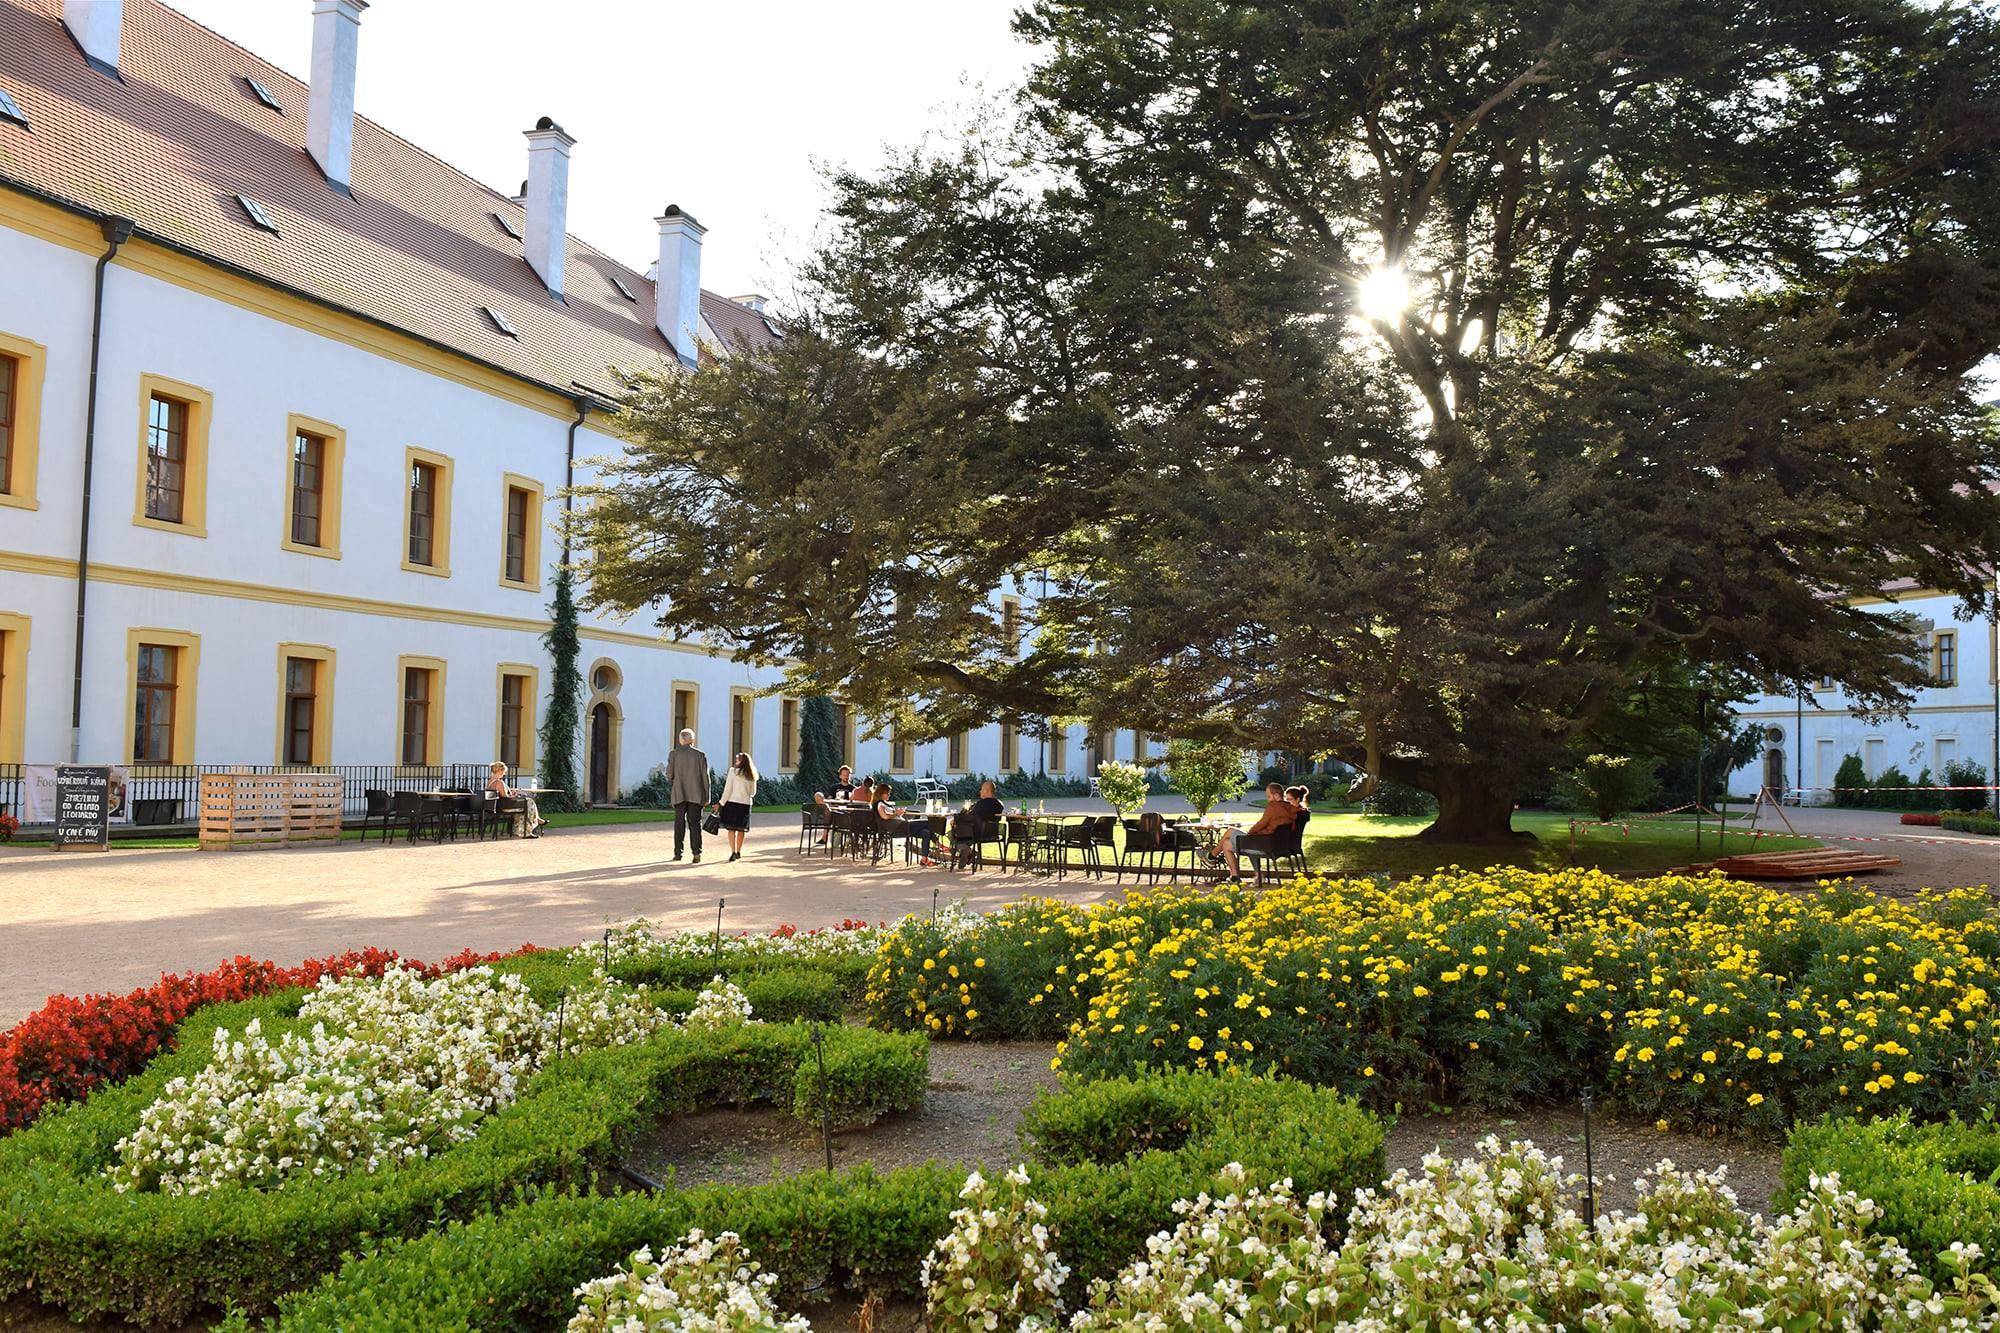 Pohled na hlavní nádvoří zámku s posezením